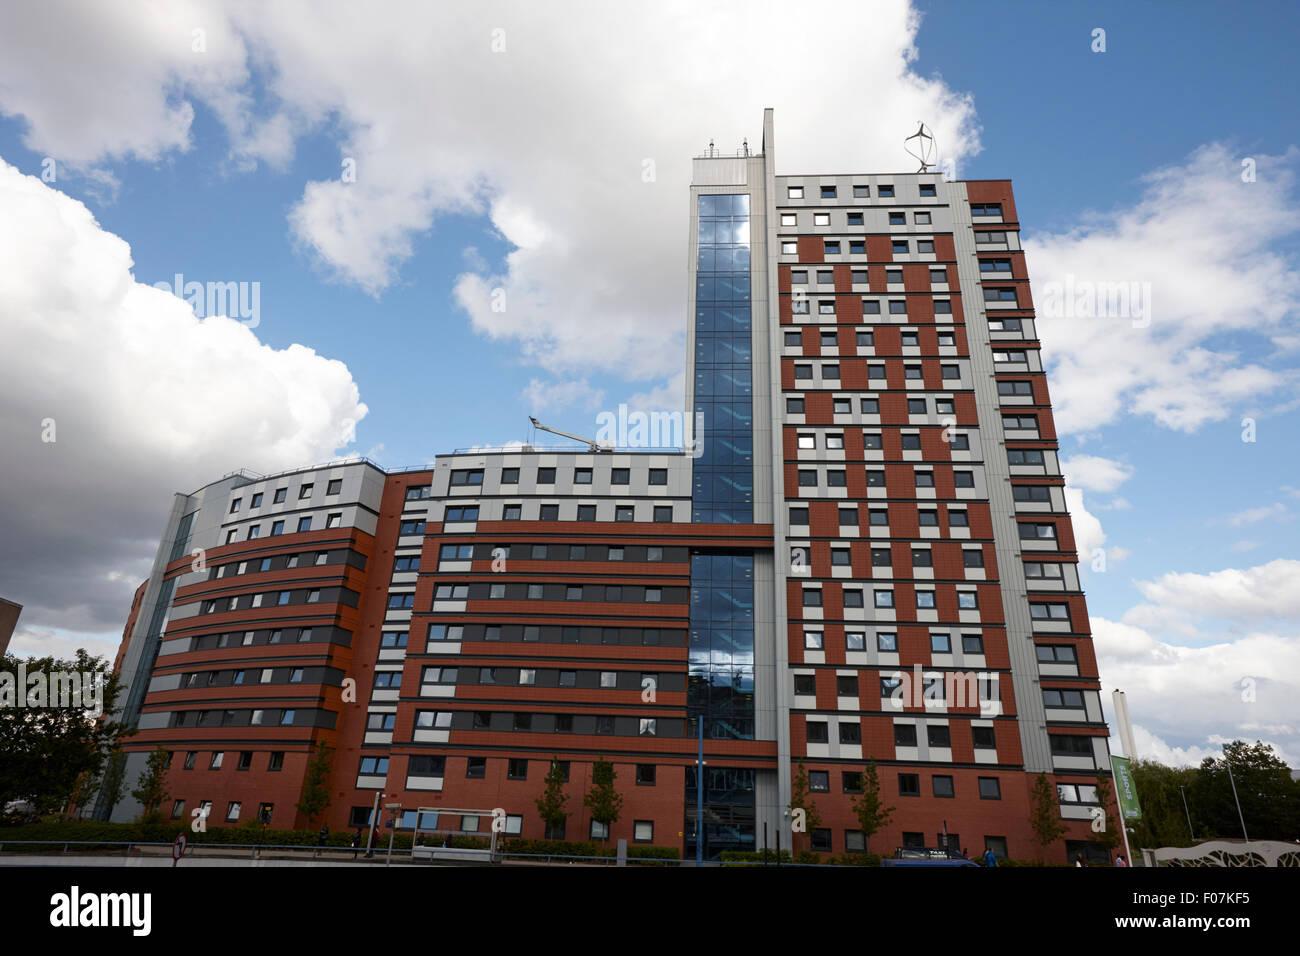 lakeside aston university student accommodation Birmingham, UK - Stock Image